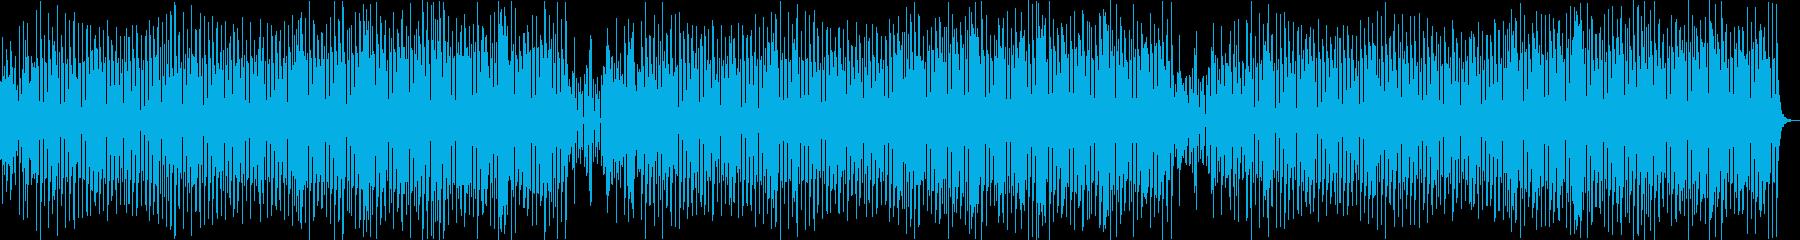 3分クッキング風ポップ/料理・お菓子の再生済みの波形